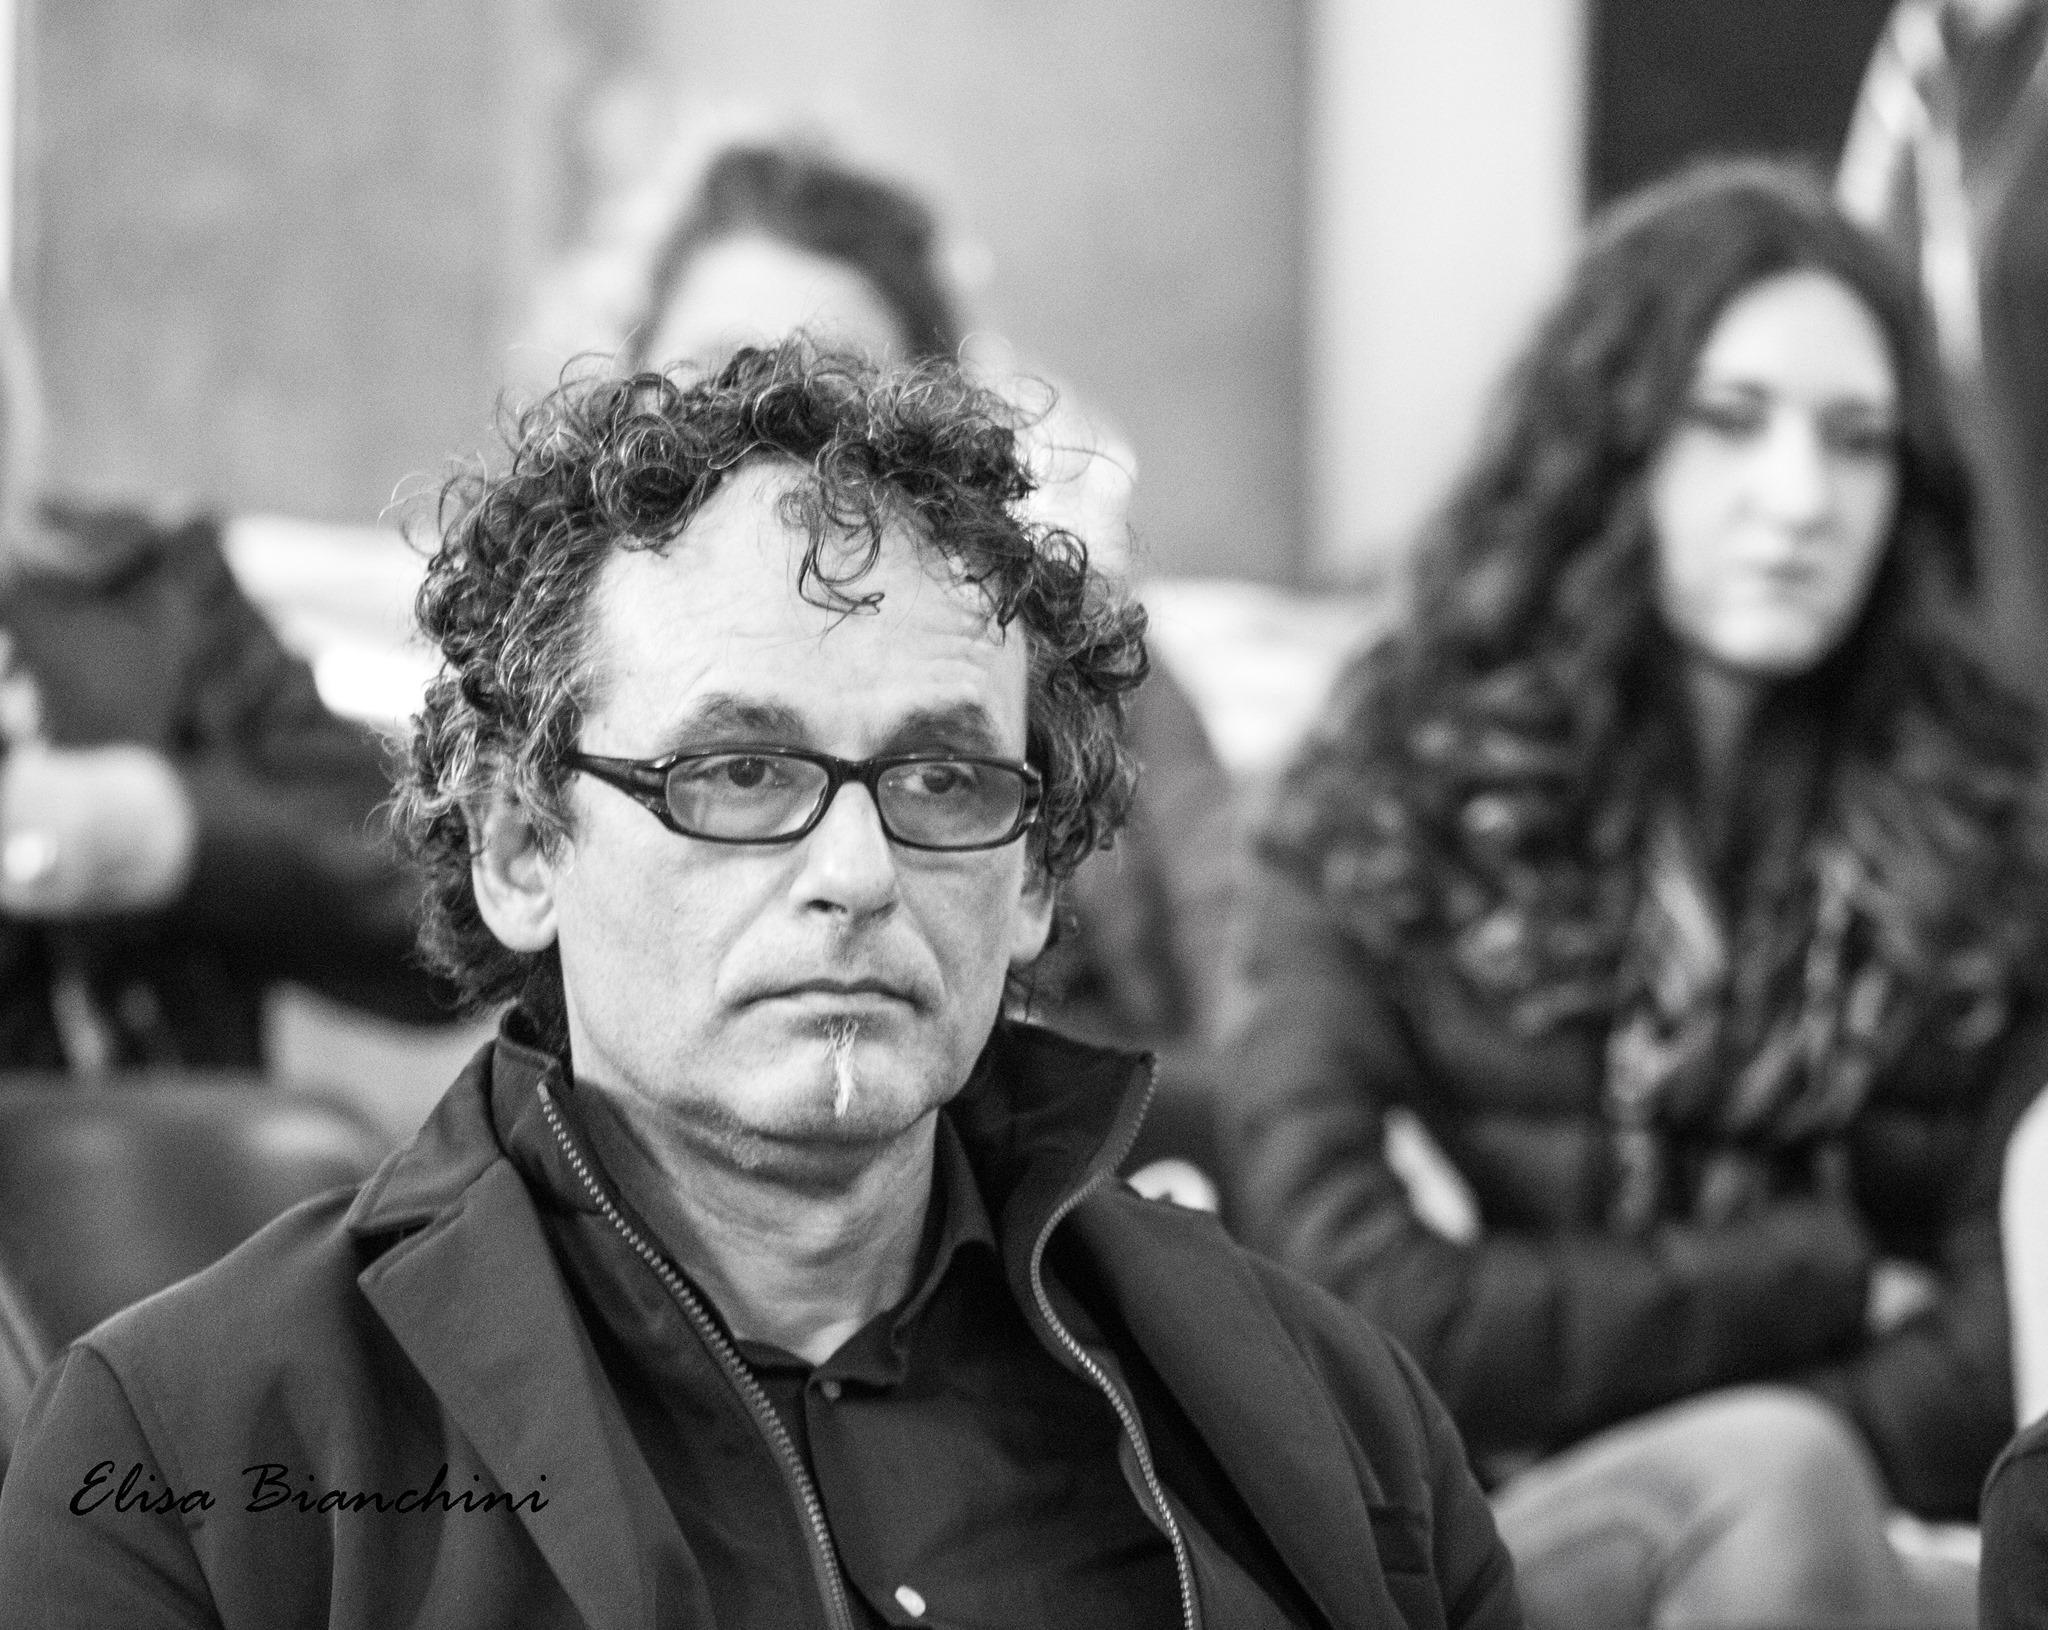 """Viterbo, ritratti da Palazzo dei Priori: il malinconico gregariato di Massimo Erbetti, pentastellato ondivago """"ipnotizzato"""" dalla """"ditta""""  Ricci-Barelli"""